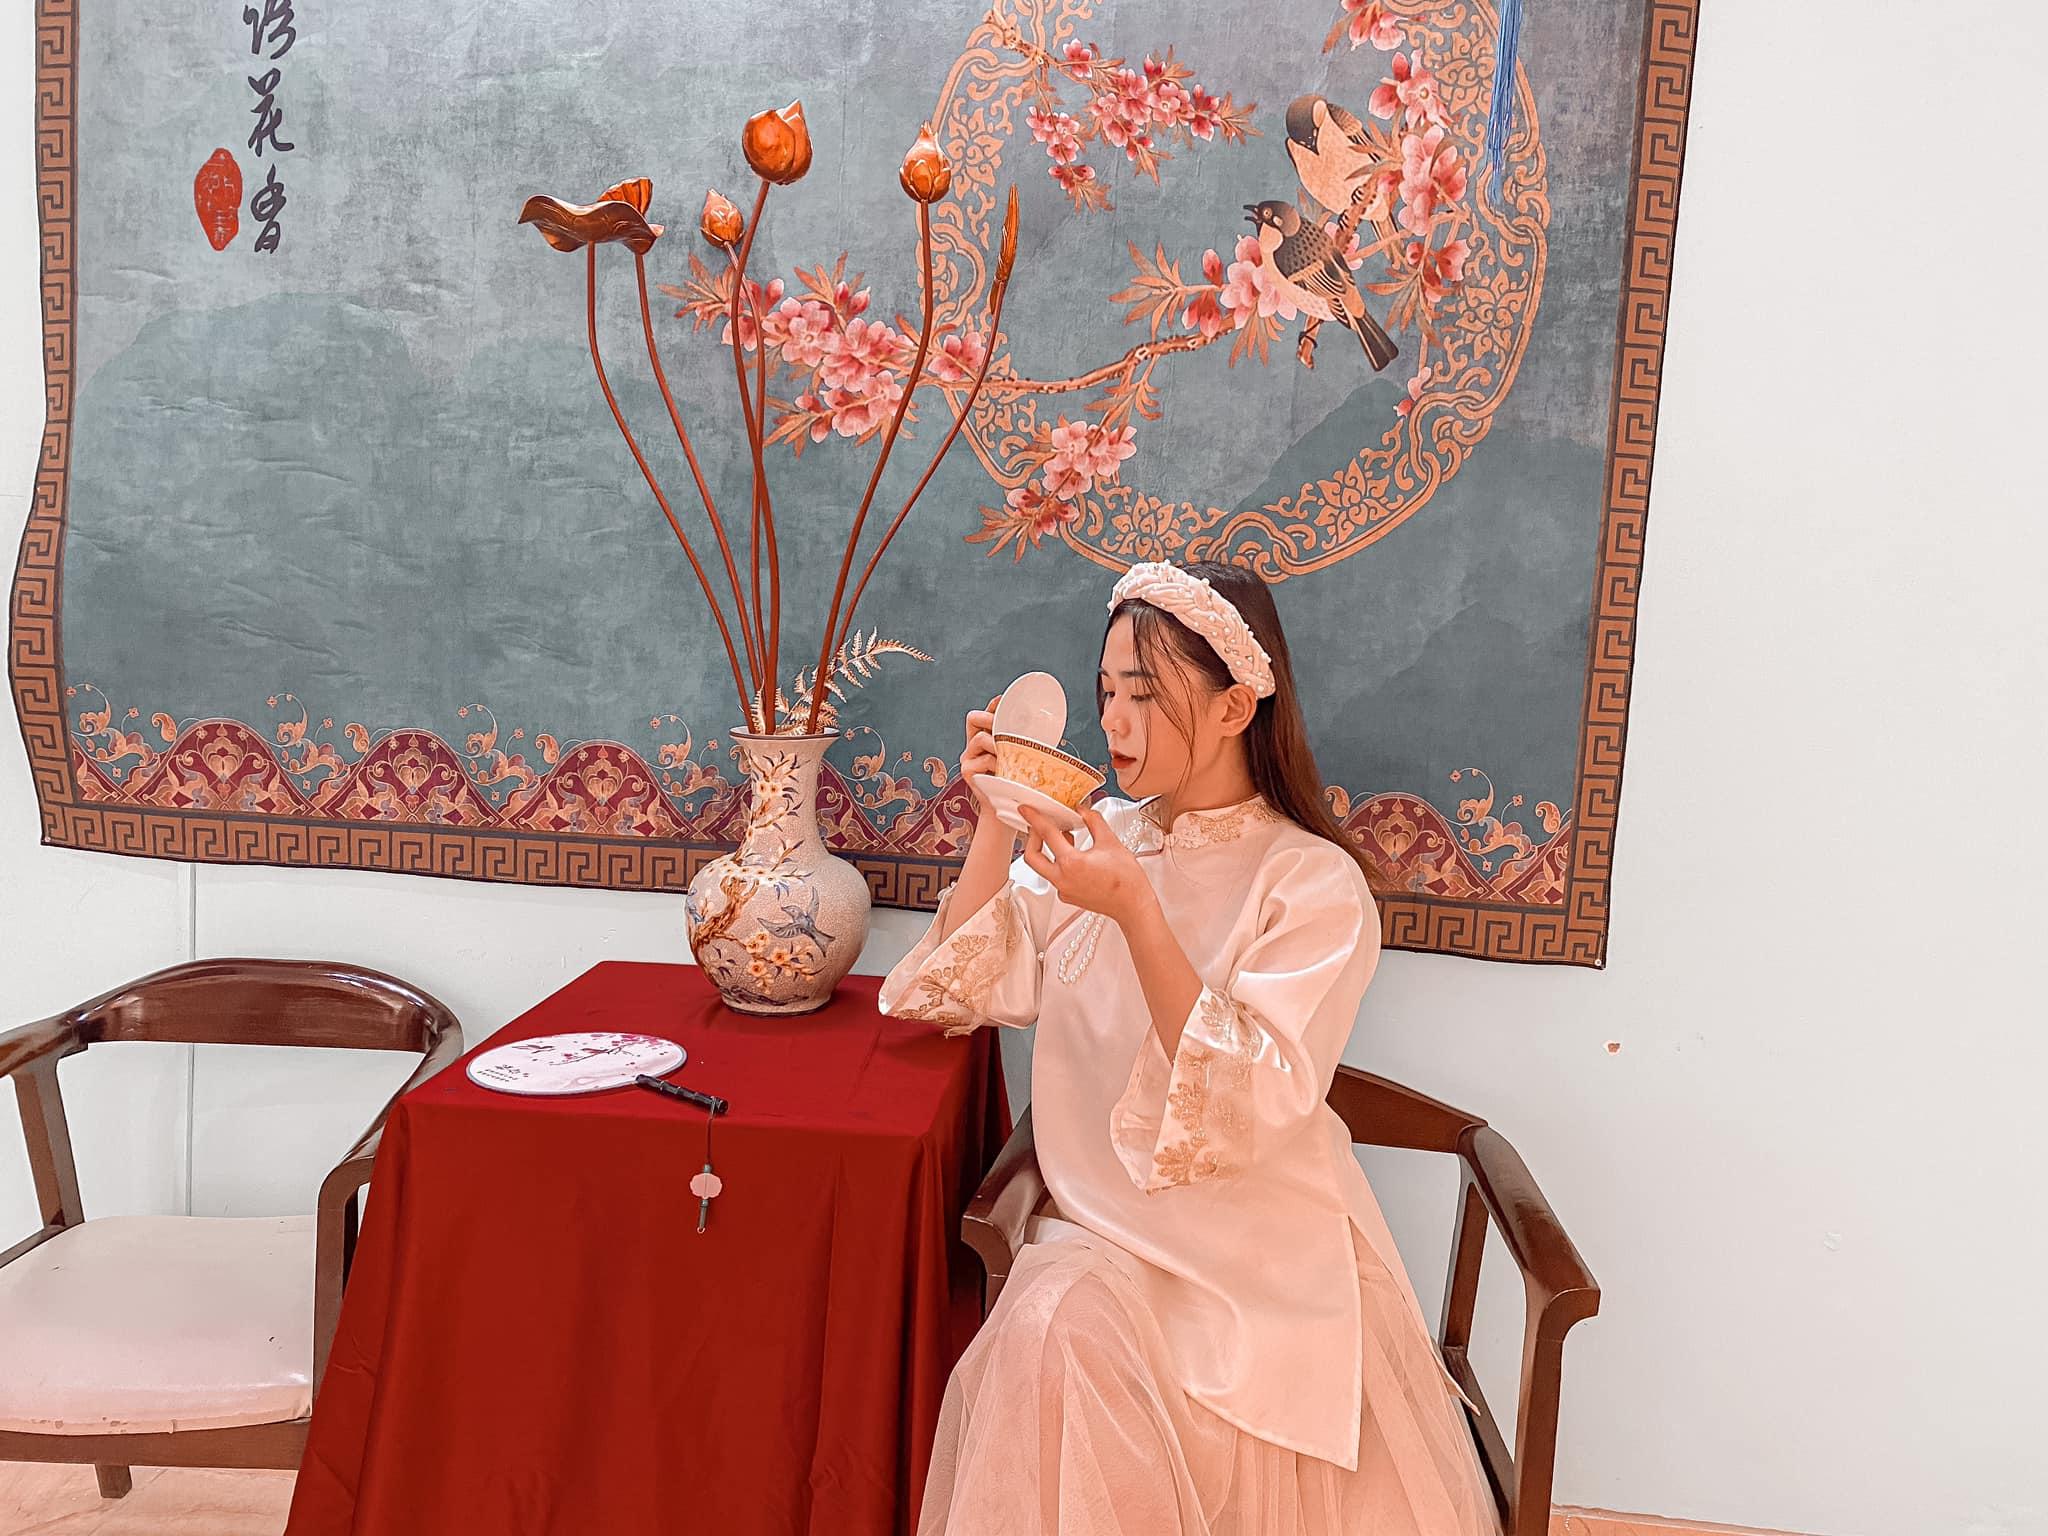 Dịp Tết Dương lịch, ghé thăm những quán cà phê mang phong cách cổ xưa tại Hà Nội  - Ảnh 14.